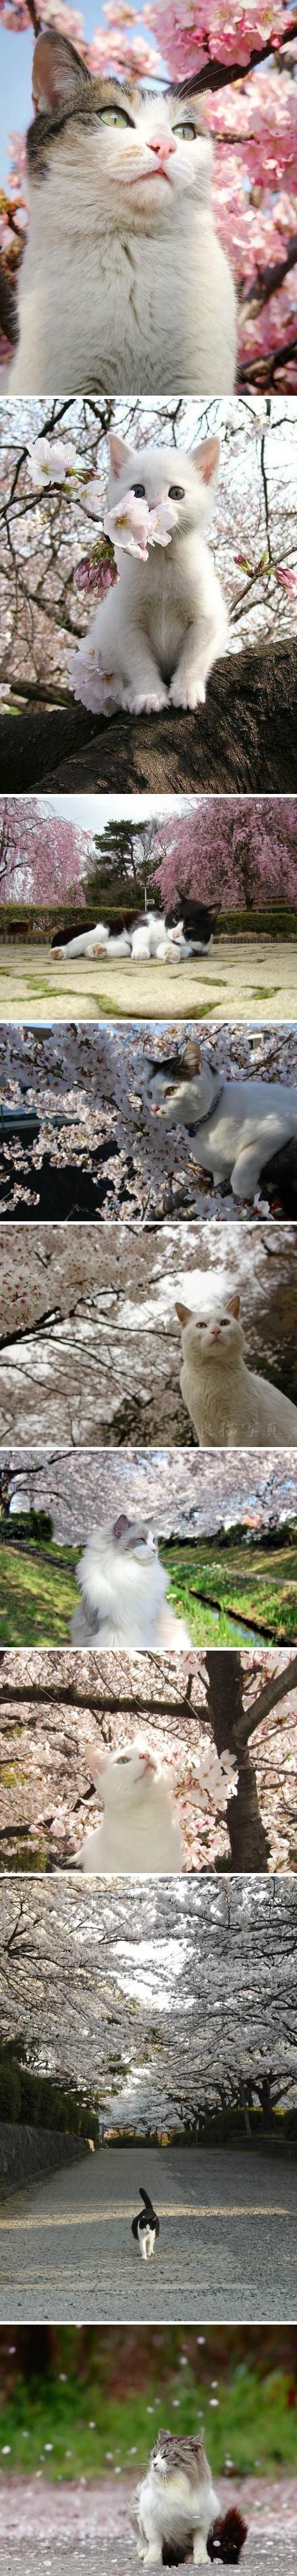 树上樱花漫舞,树下恋雪纷飞。。。